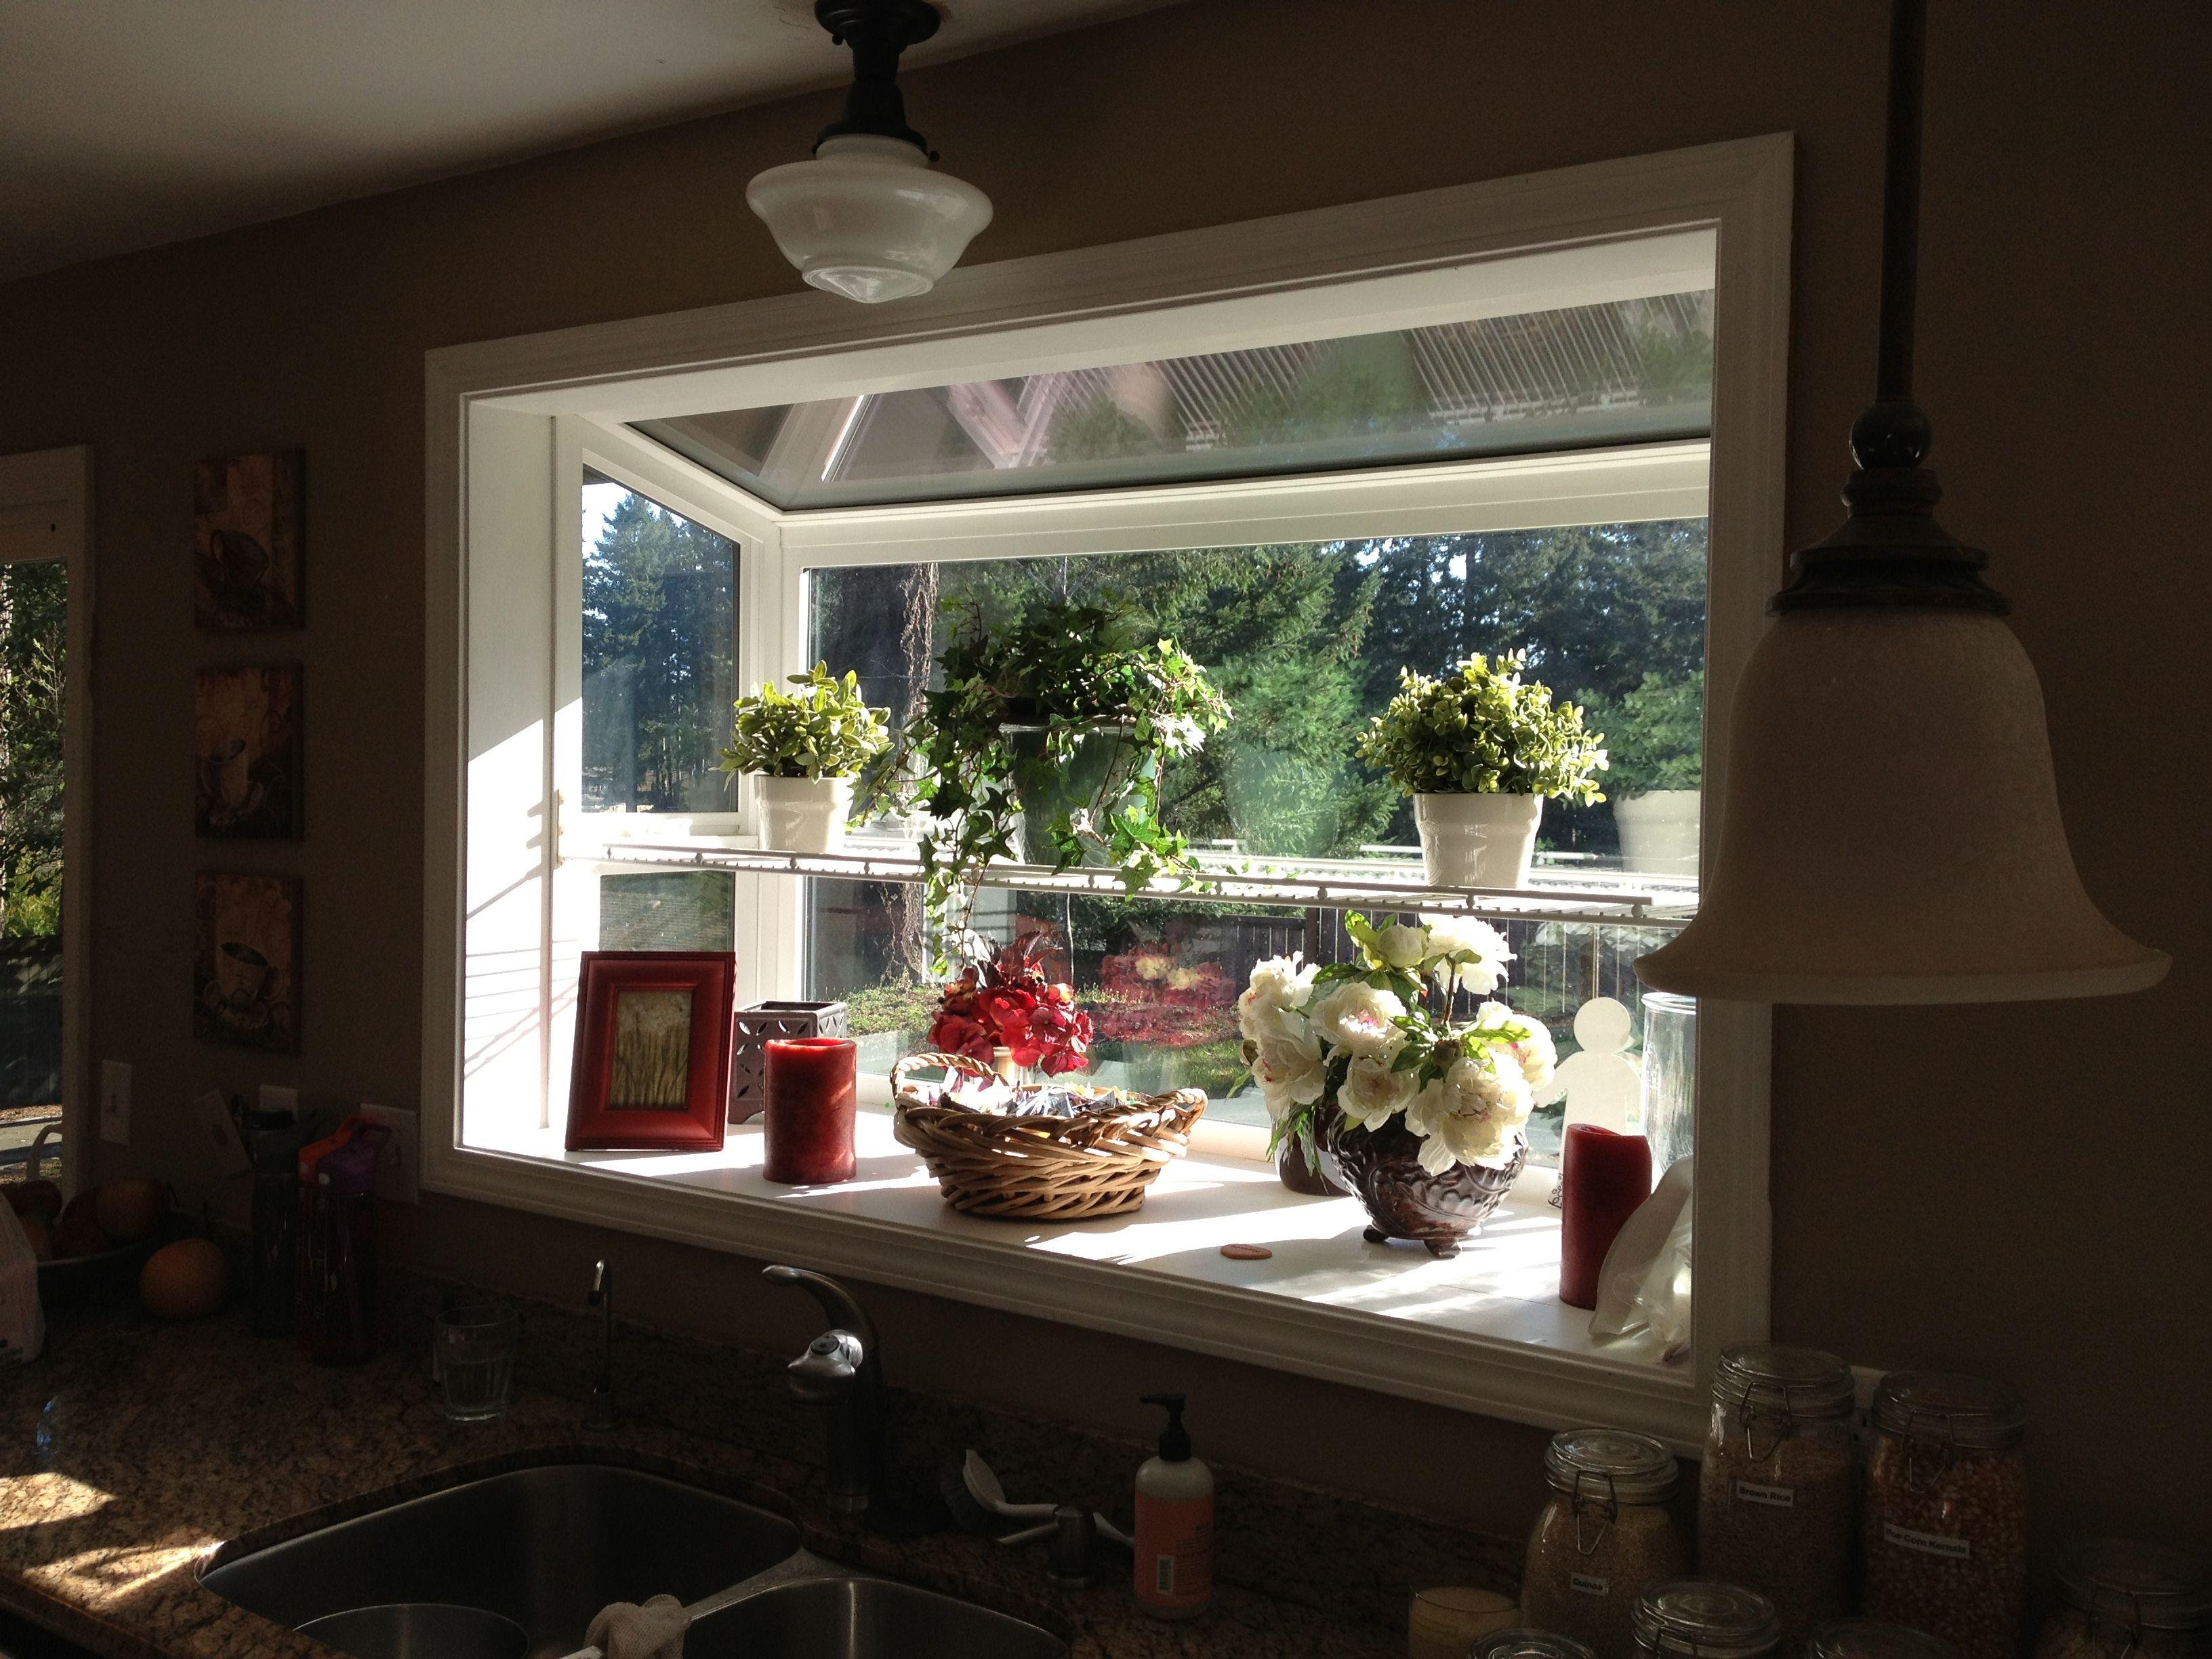 kitchen garden window garden windows pinterest kitchen garden window garden windows and on kitchen garden id=79164